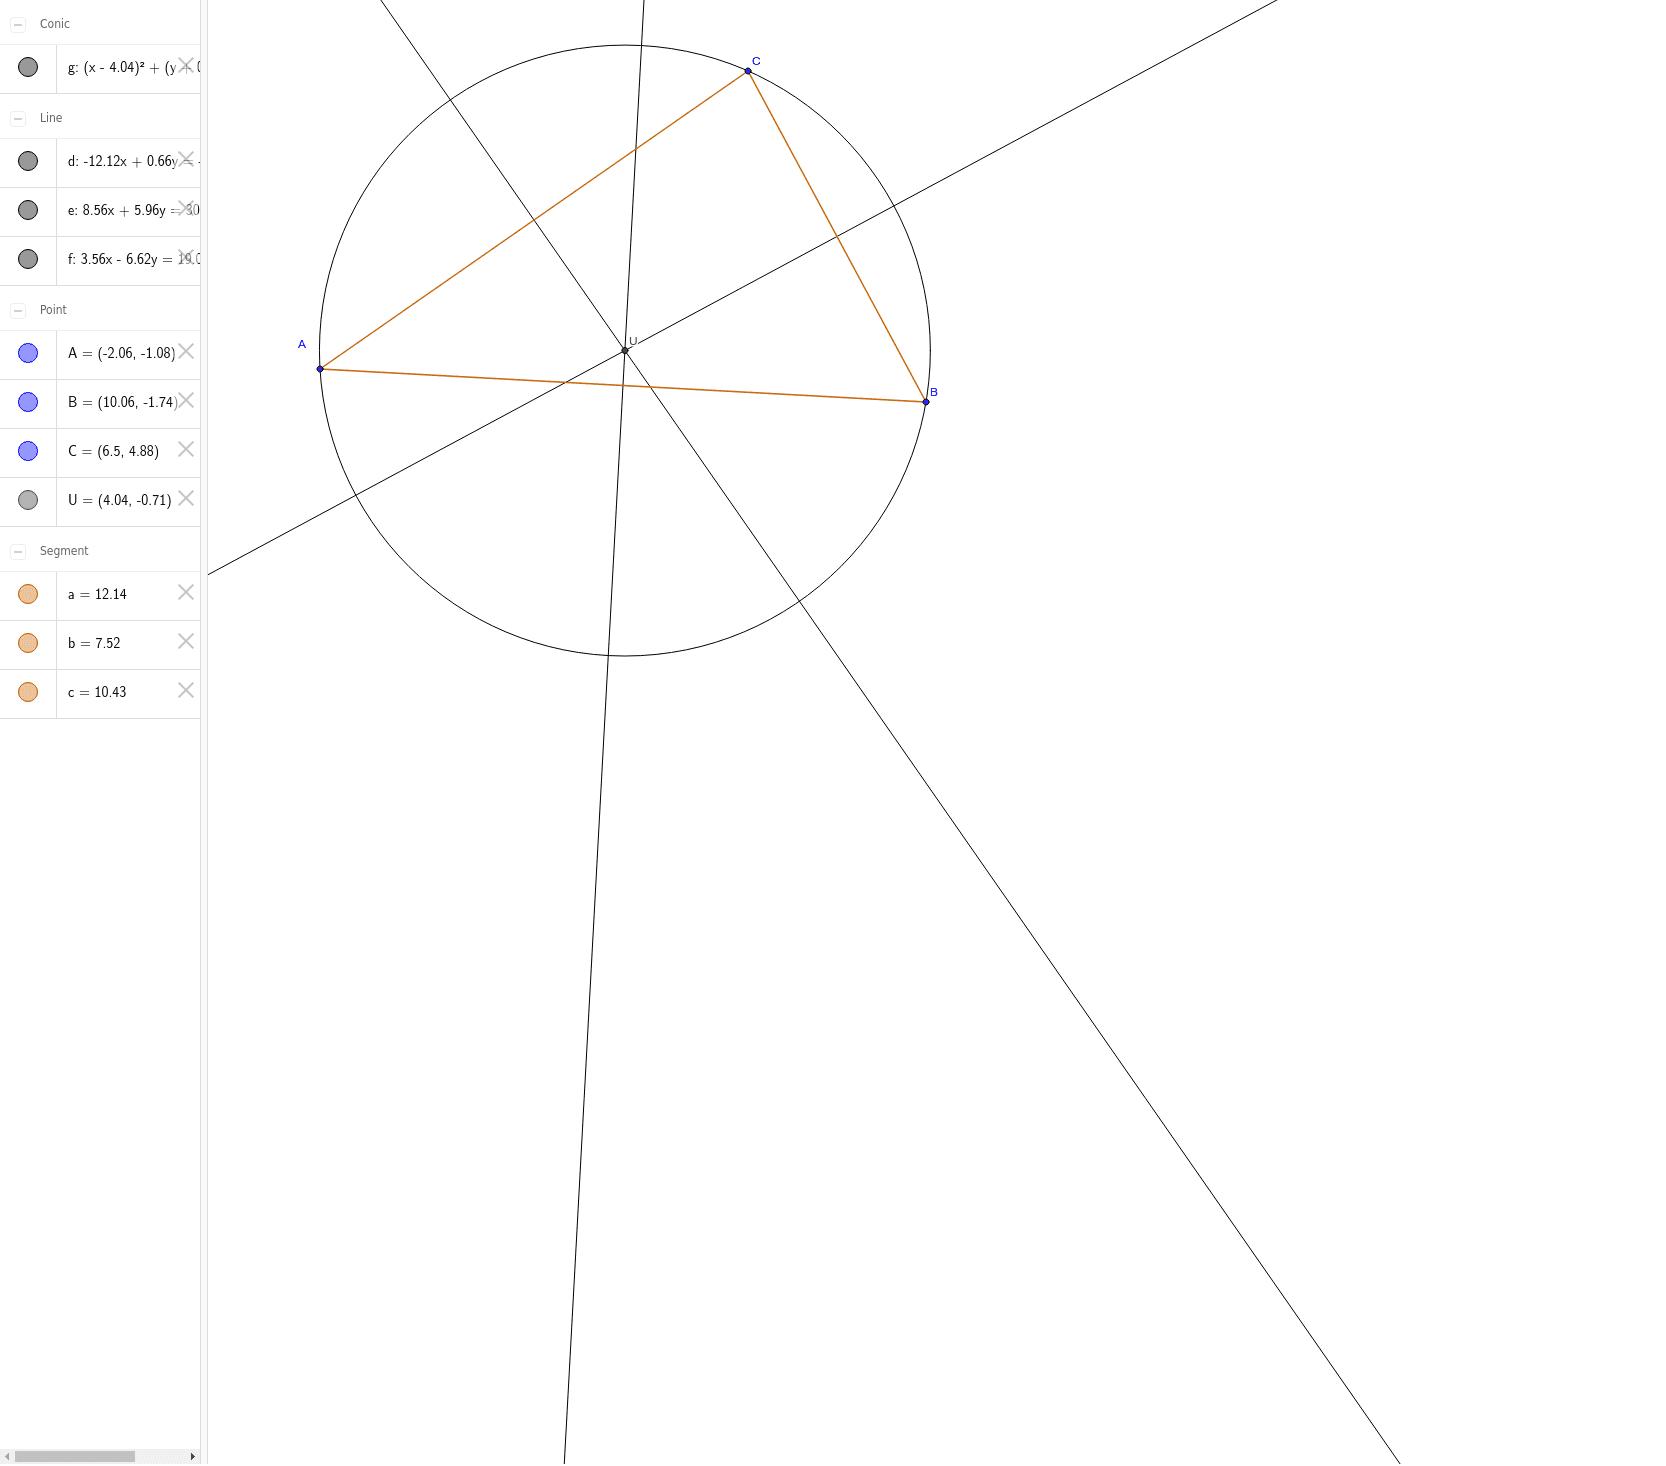 Umkreismittelpunkt Drücke die Eingabetaste um die Aktivität zu starten